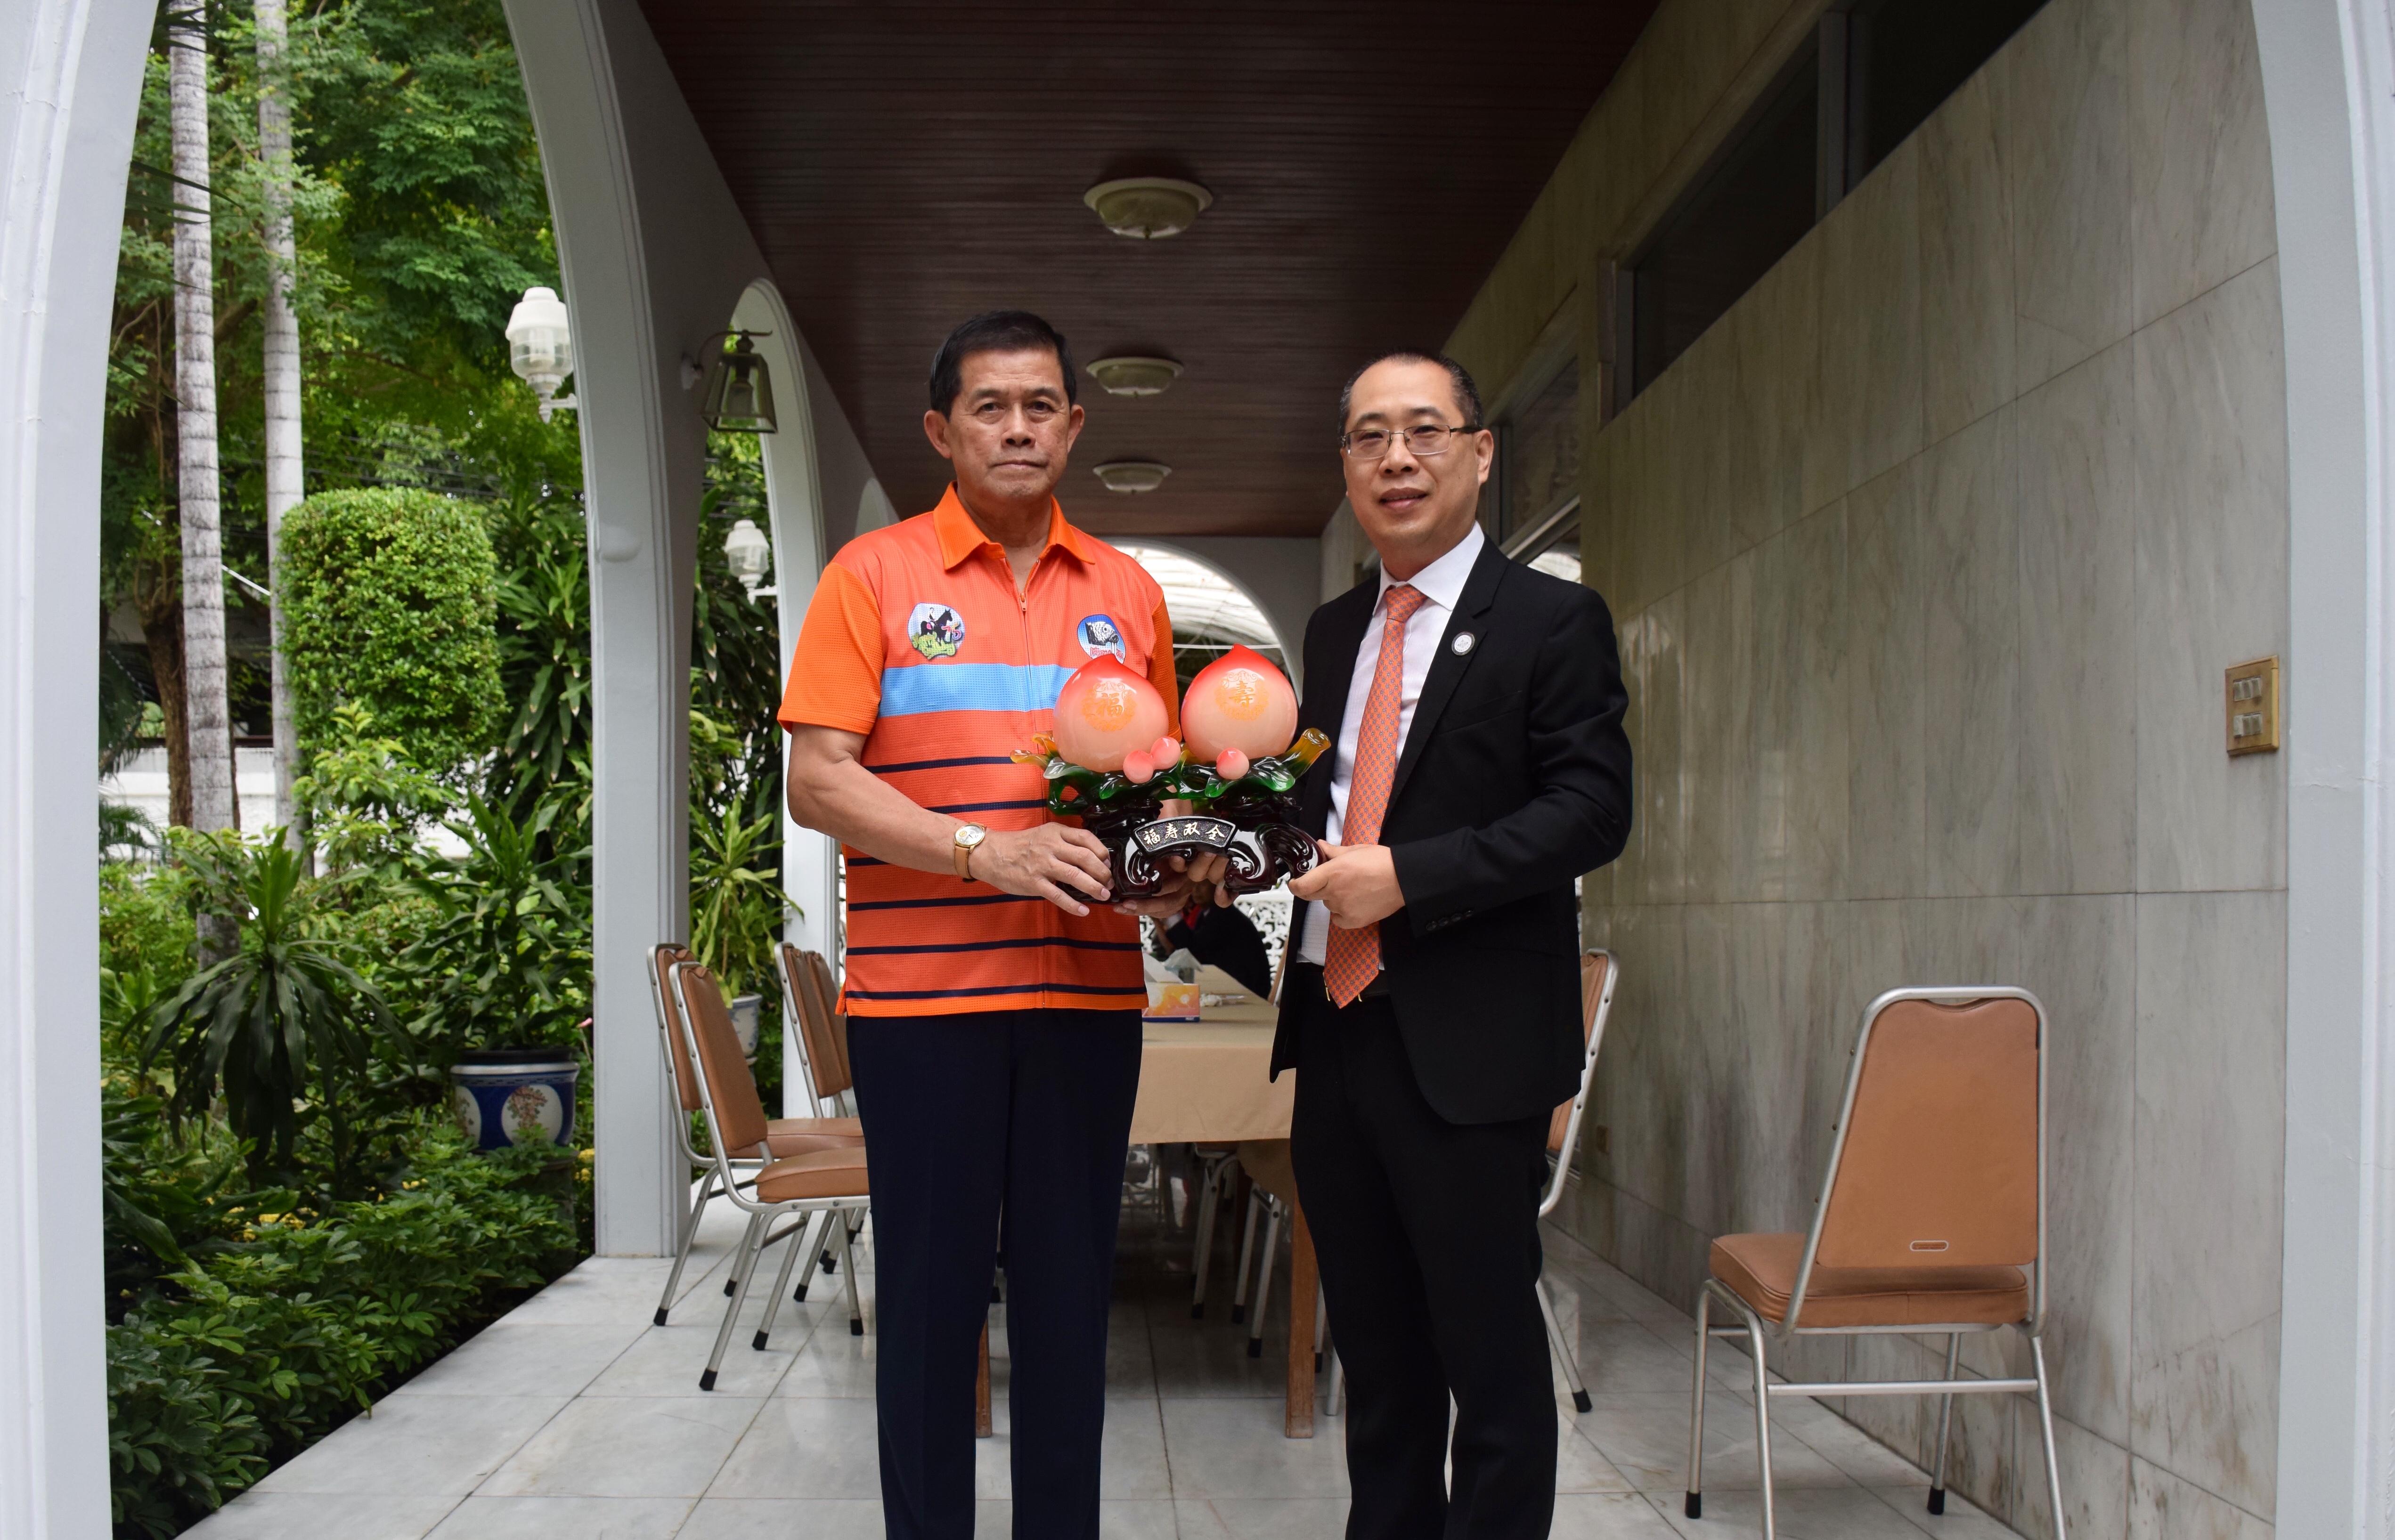 泰国温州商会祝福功·塔帕朗西永远名誉会长75岁大寿